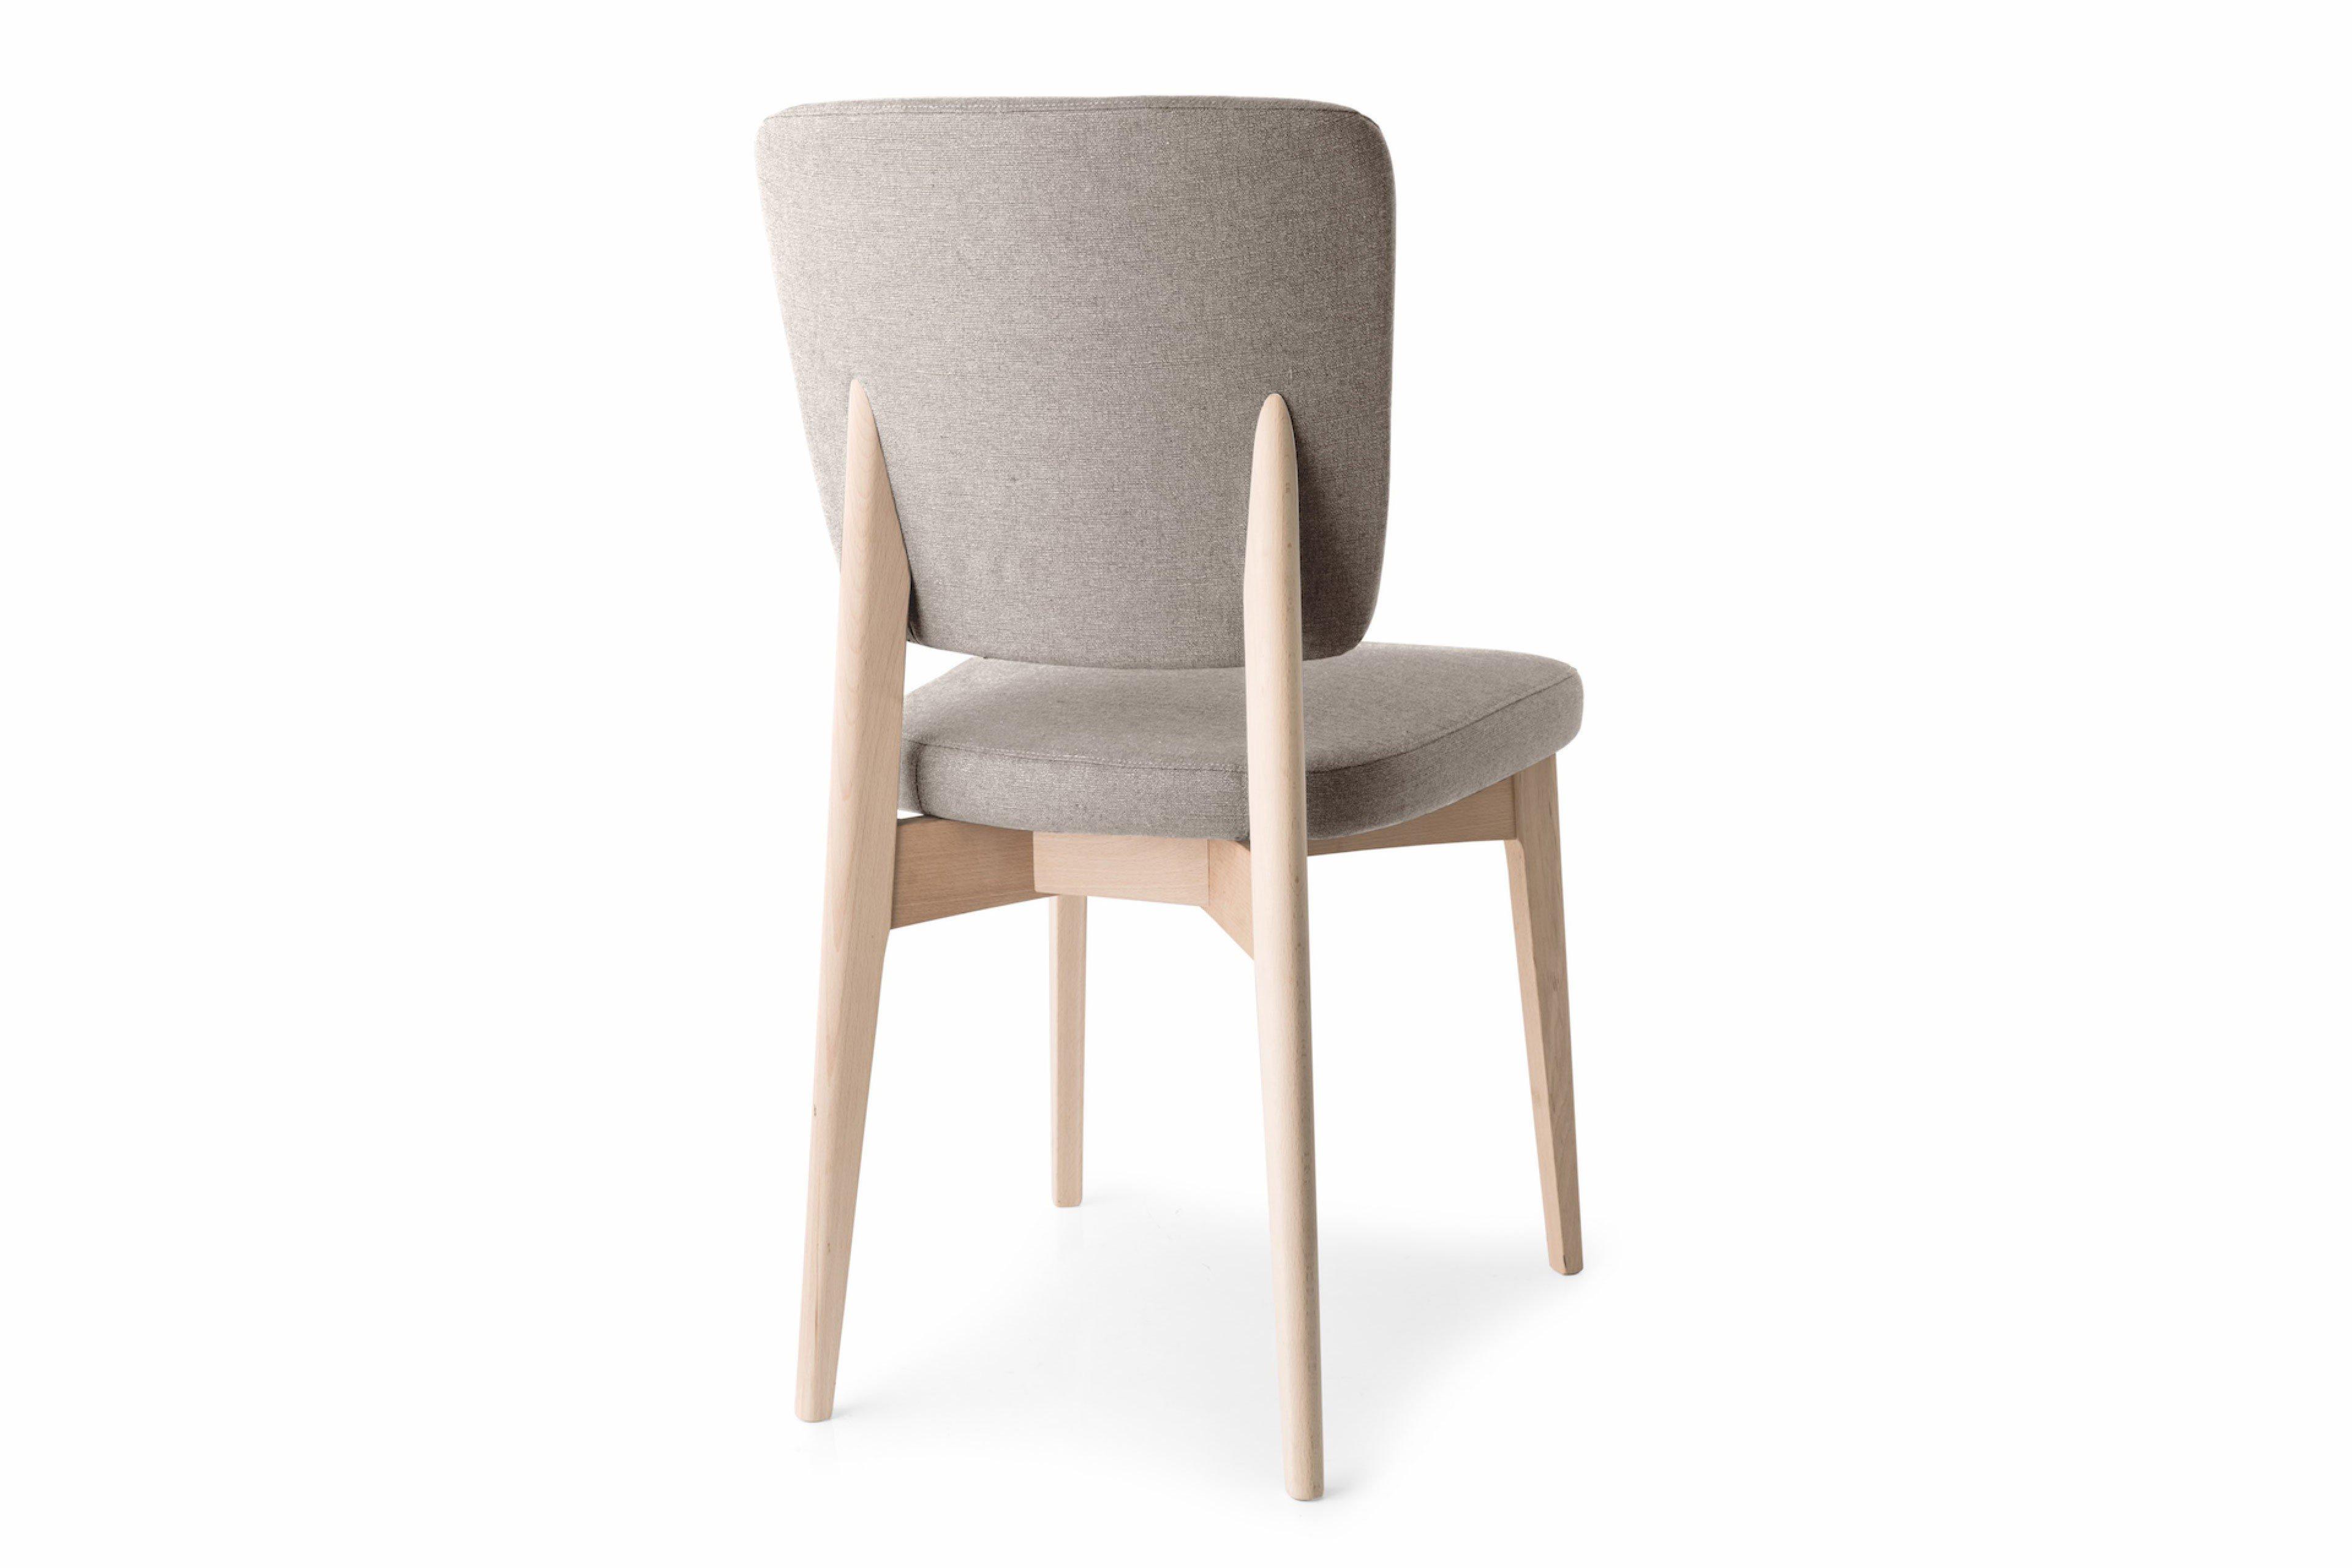 skandinavischer stuhl kjellrun sand buche gebleicht m bel letz ihr online shop. Black Bedroom Furniture Sets. Home Design Ideas